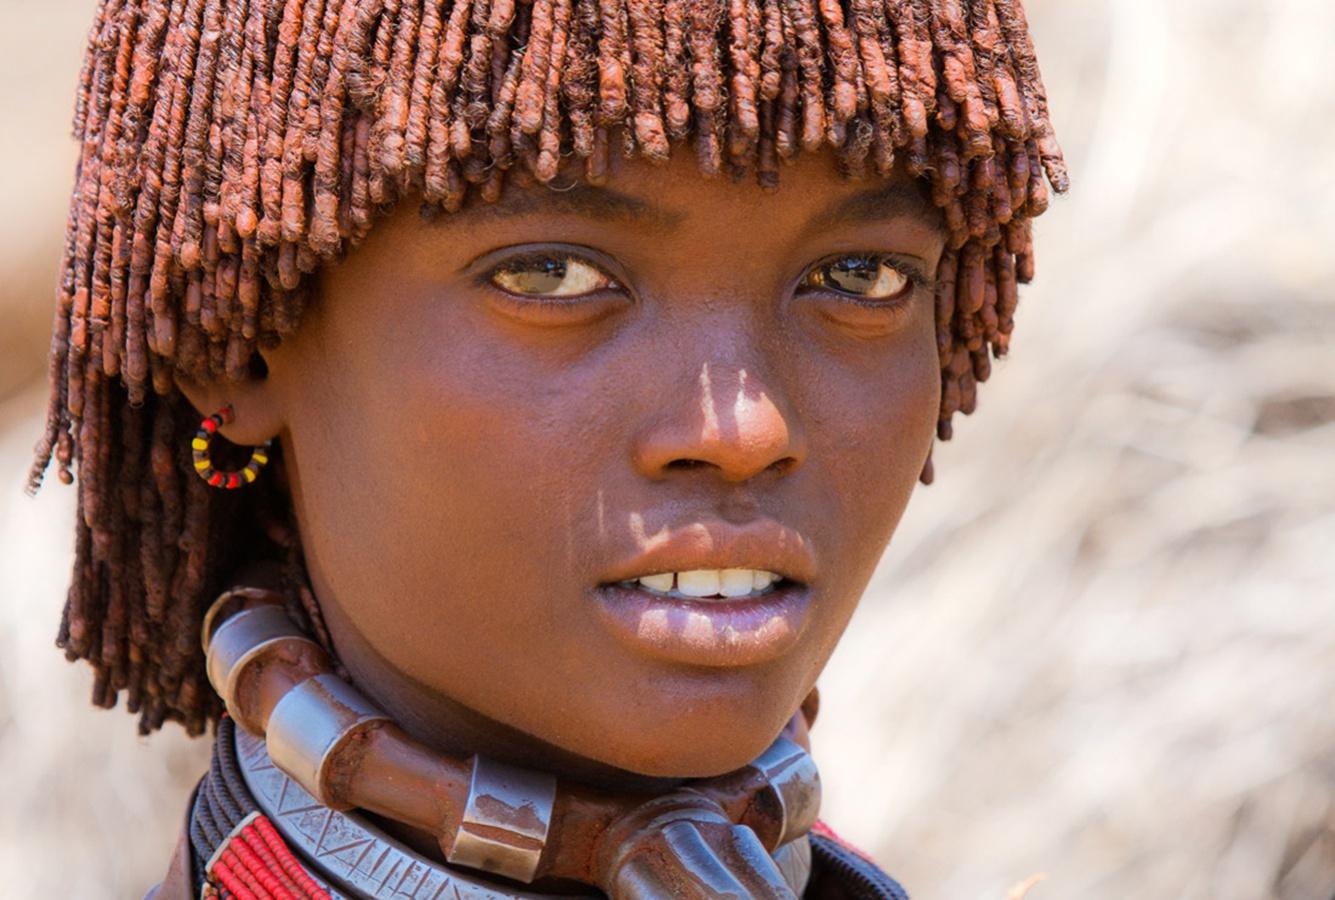 Фото девушек из африканских племен 5 фотография